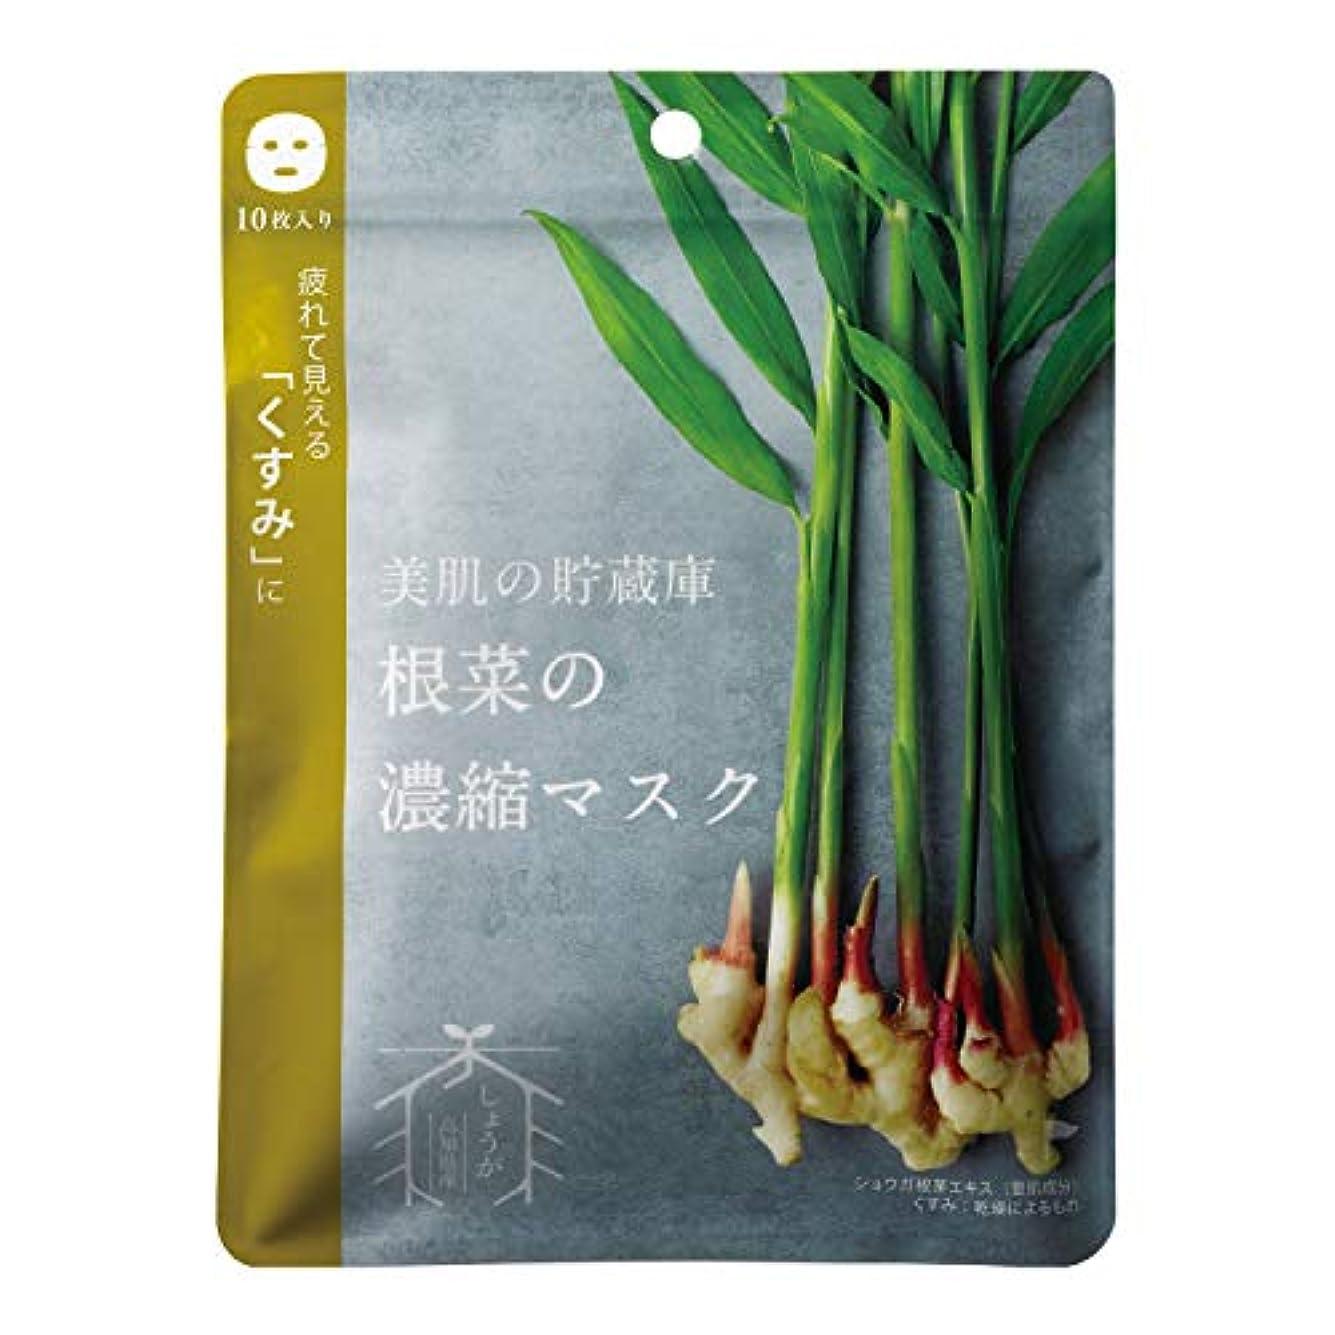 傑作ポンプ傑作@cosme nippon 美肌の貯蔵庫 根菜の濃縮マスク 土佐一しょうが 10枚 160ml